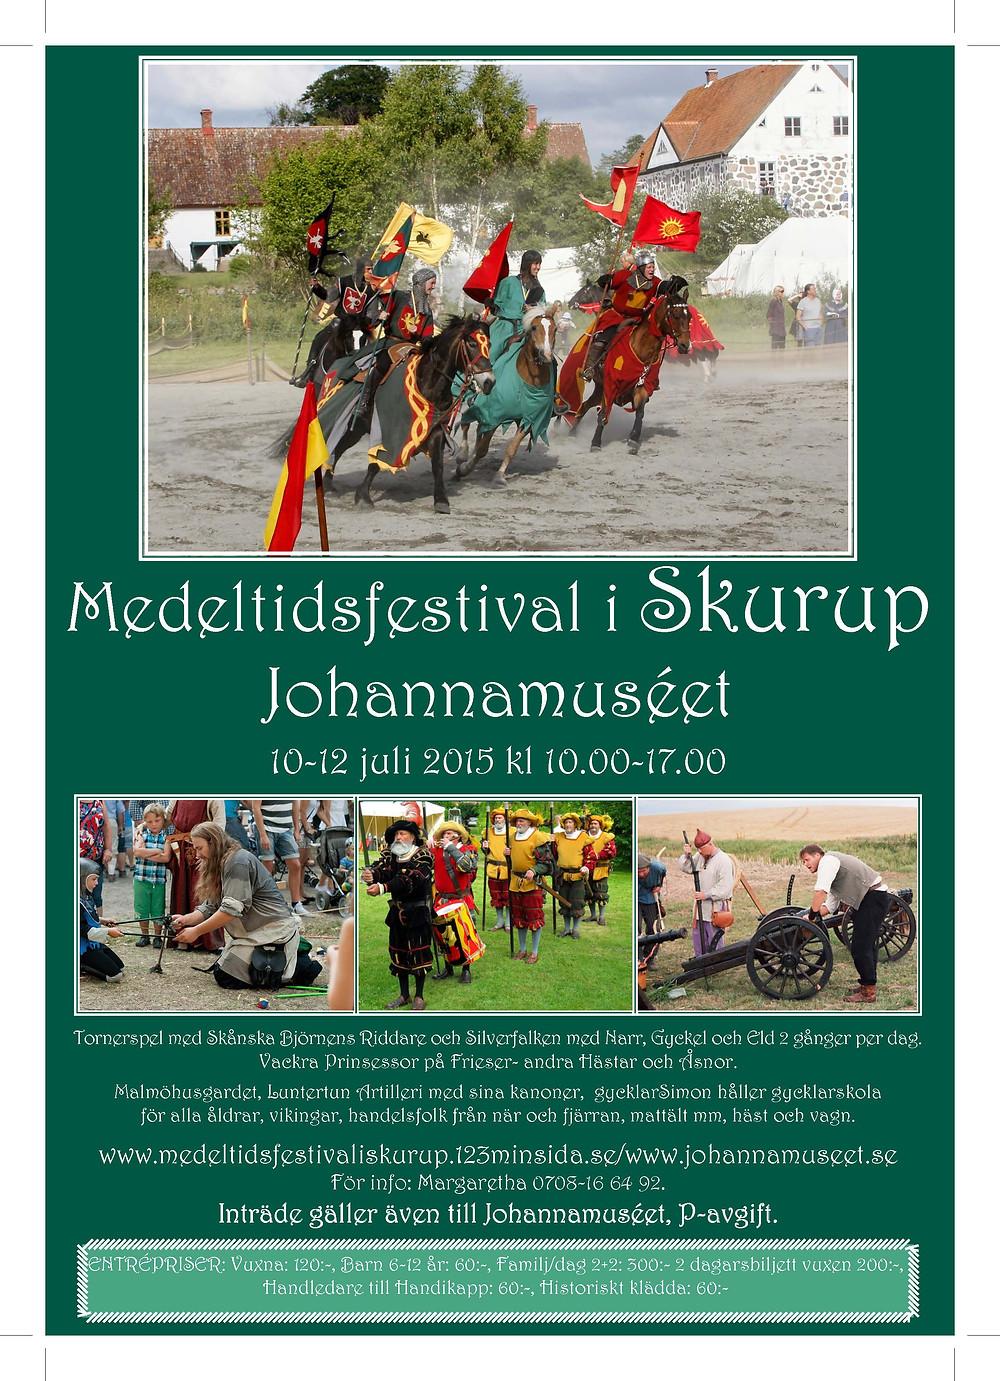 Sydkusten Skåne Skurup Johannamuseet Medeltidsfestival Festival